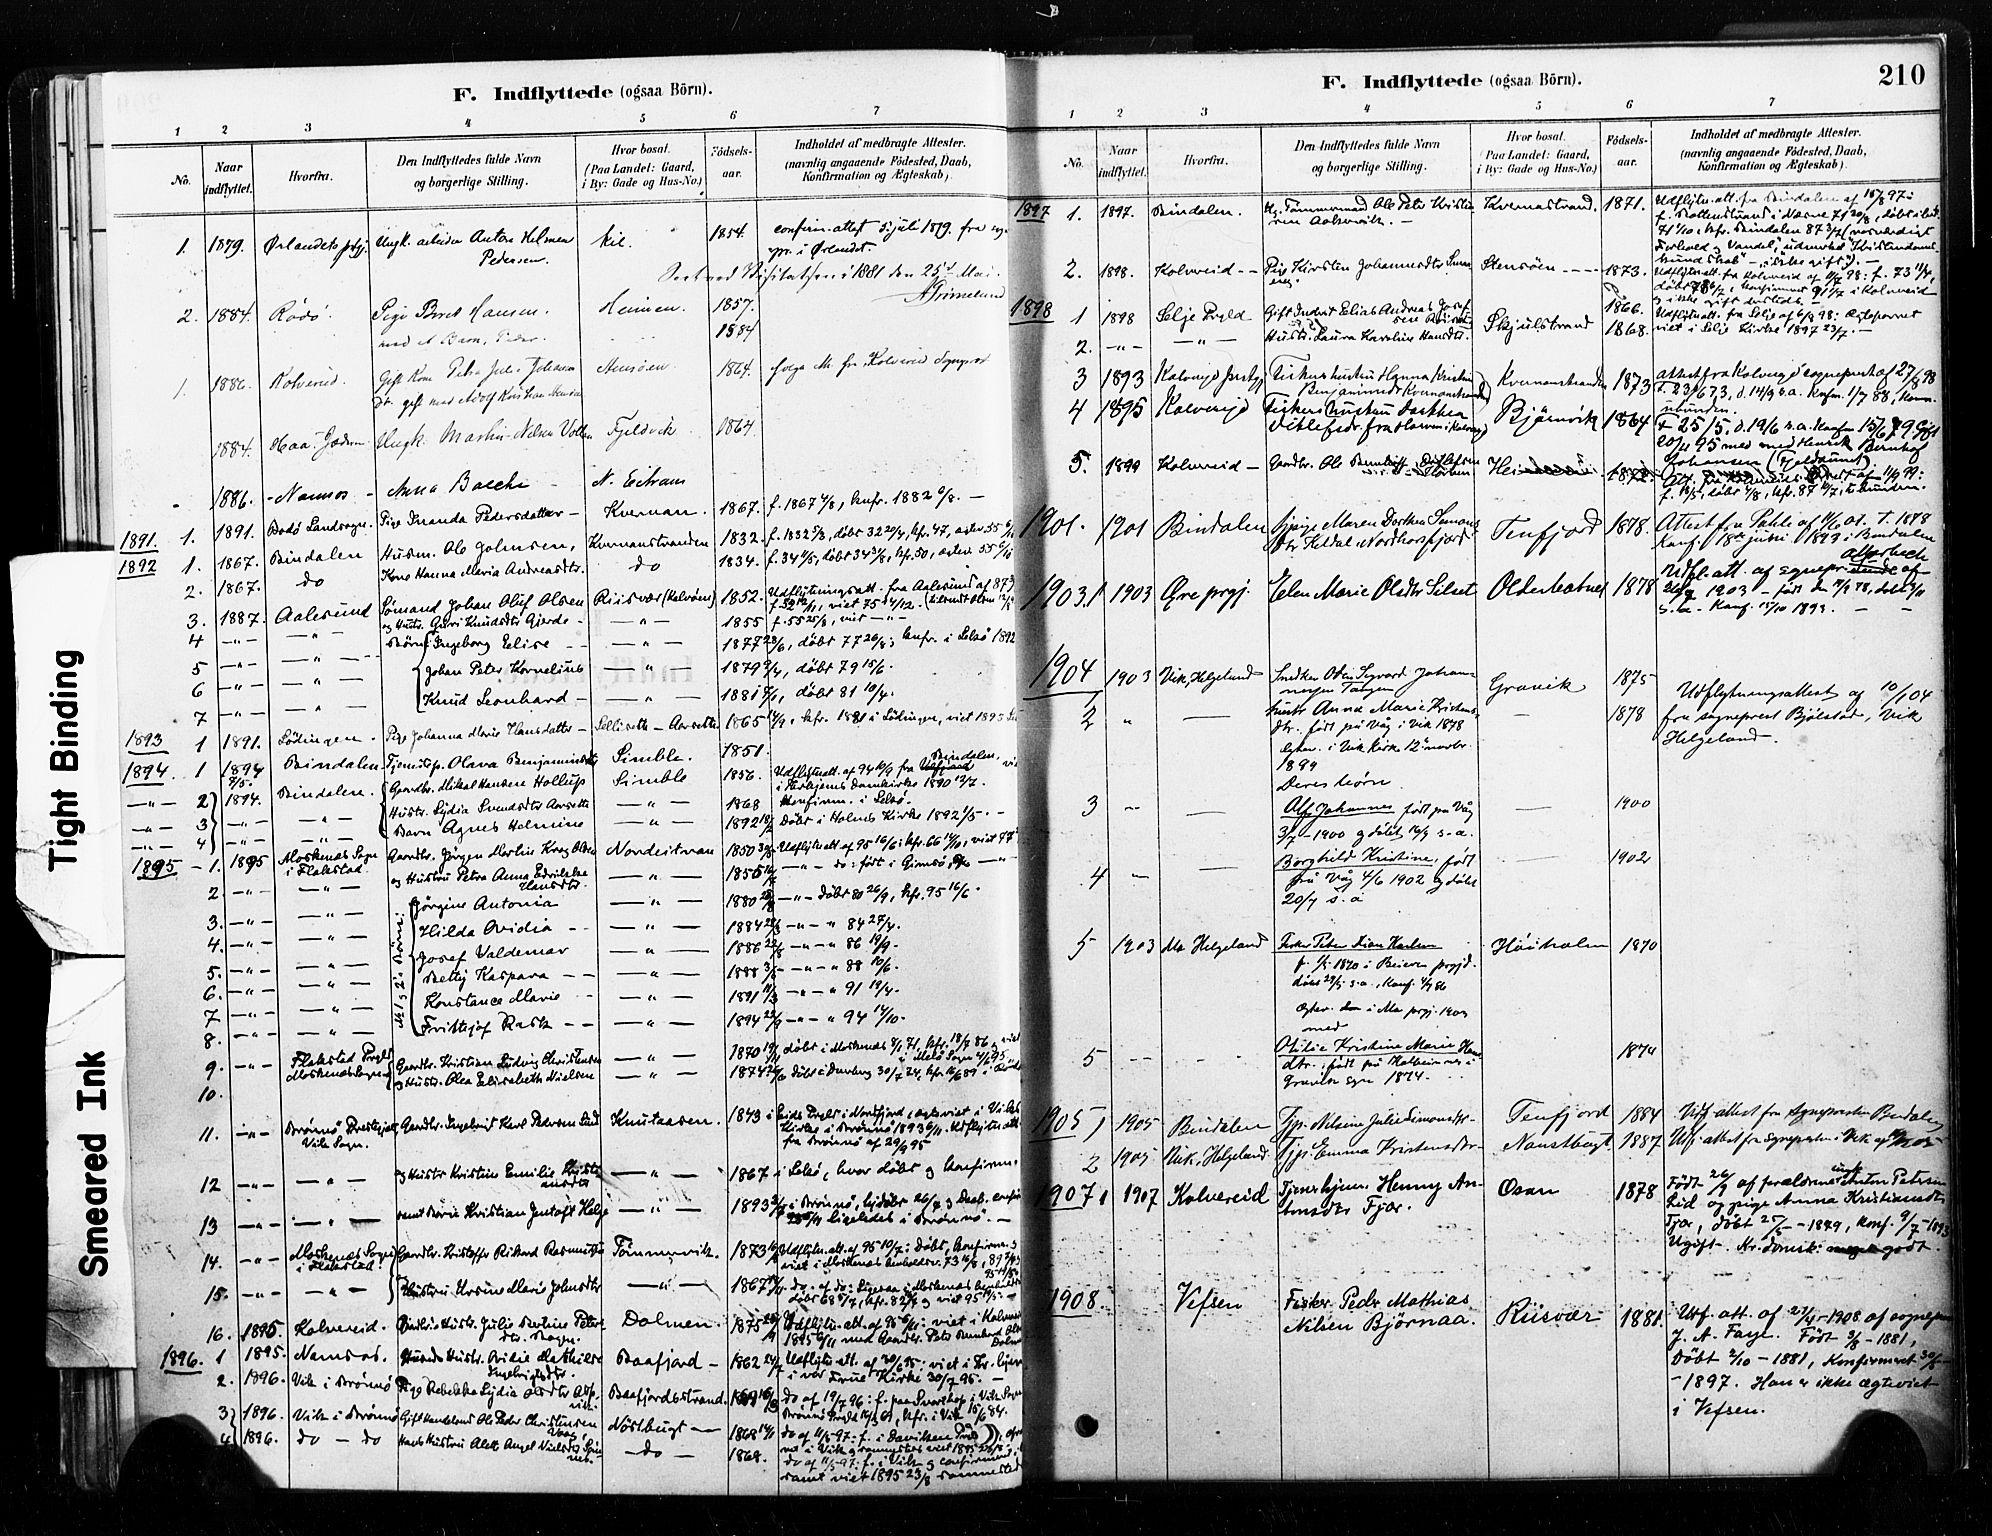 SAT, Ministerialprotokoller, klokkerbøker og fødselsregistre - Nord-Trøndelag, 789/L0705: Ministerialbok nr. 789A01, 1878-1910, s. 210